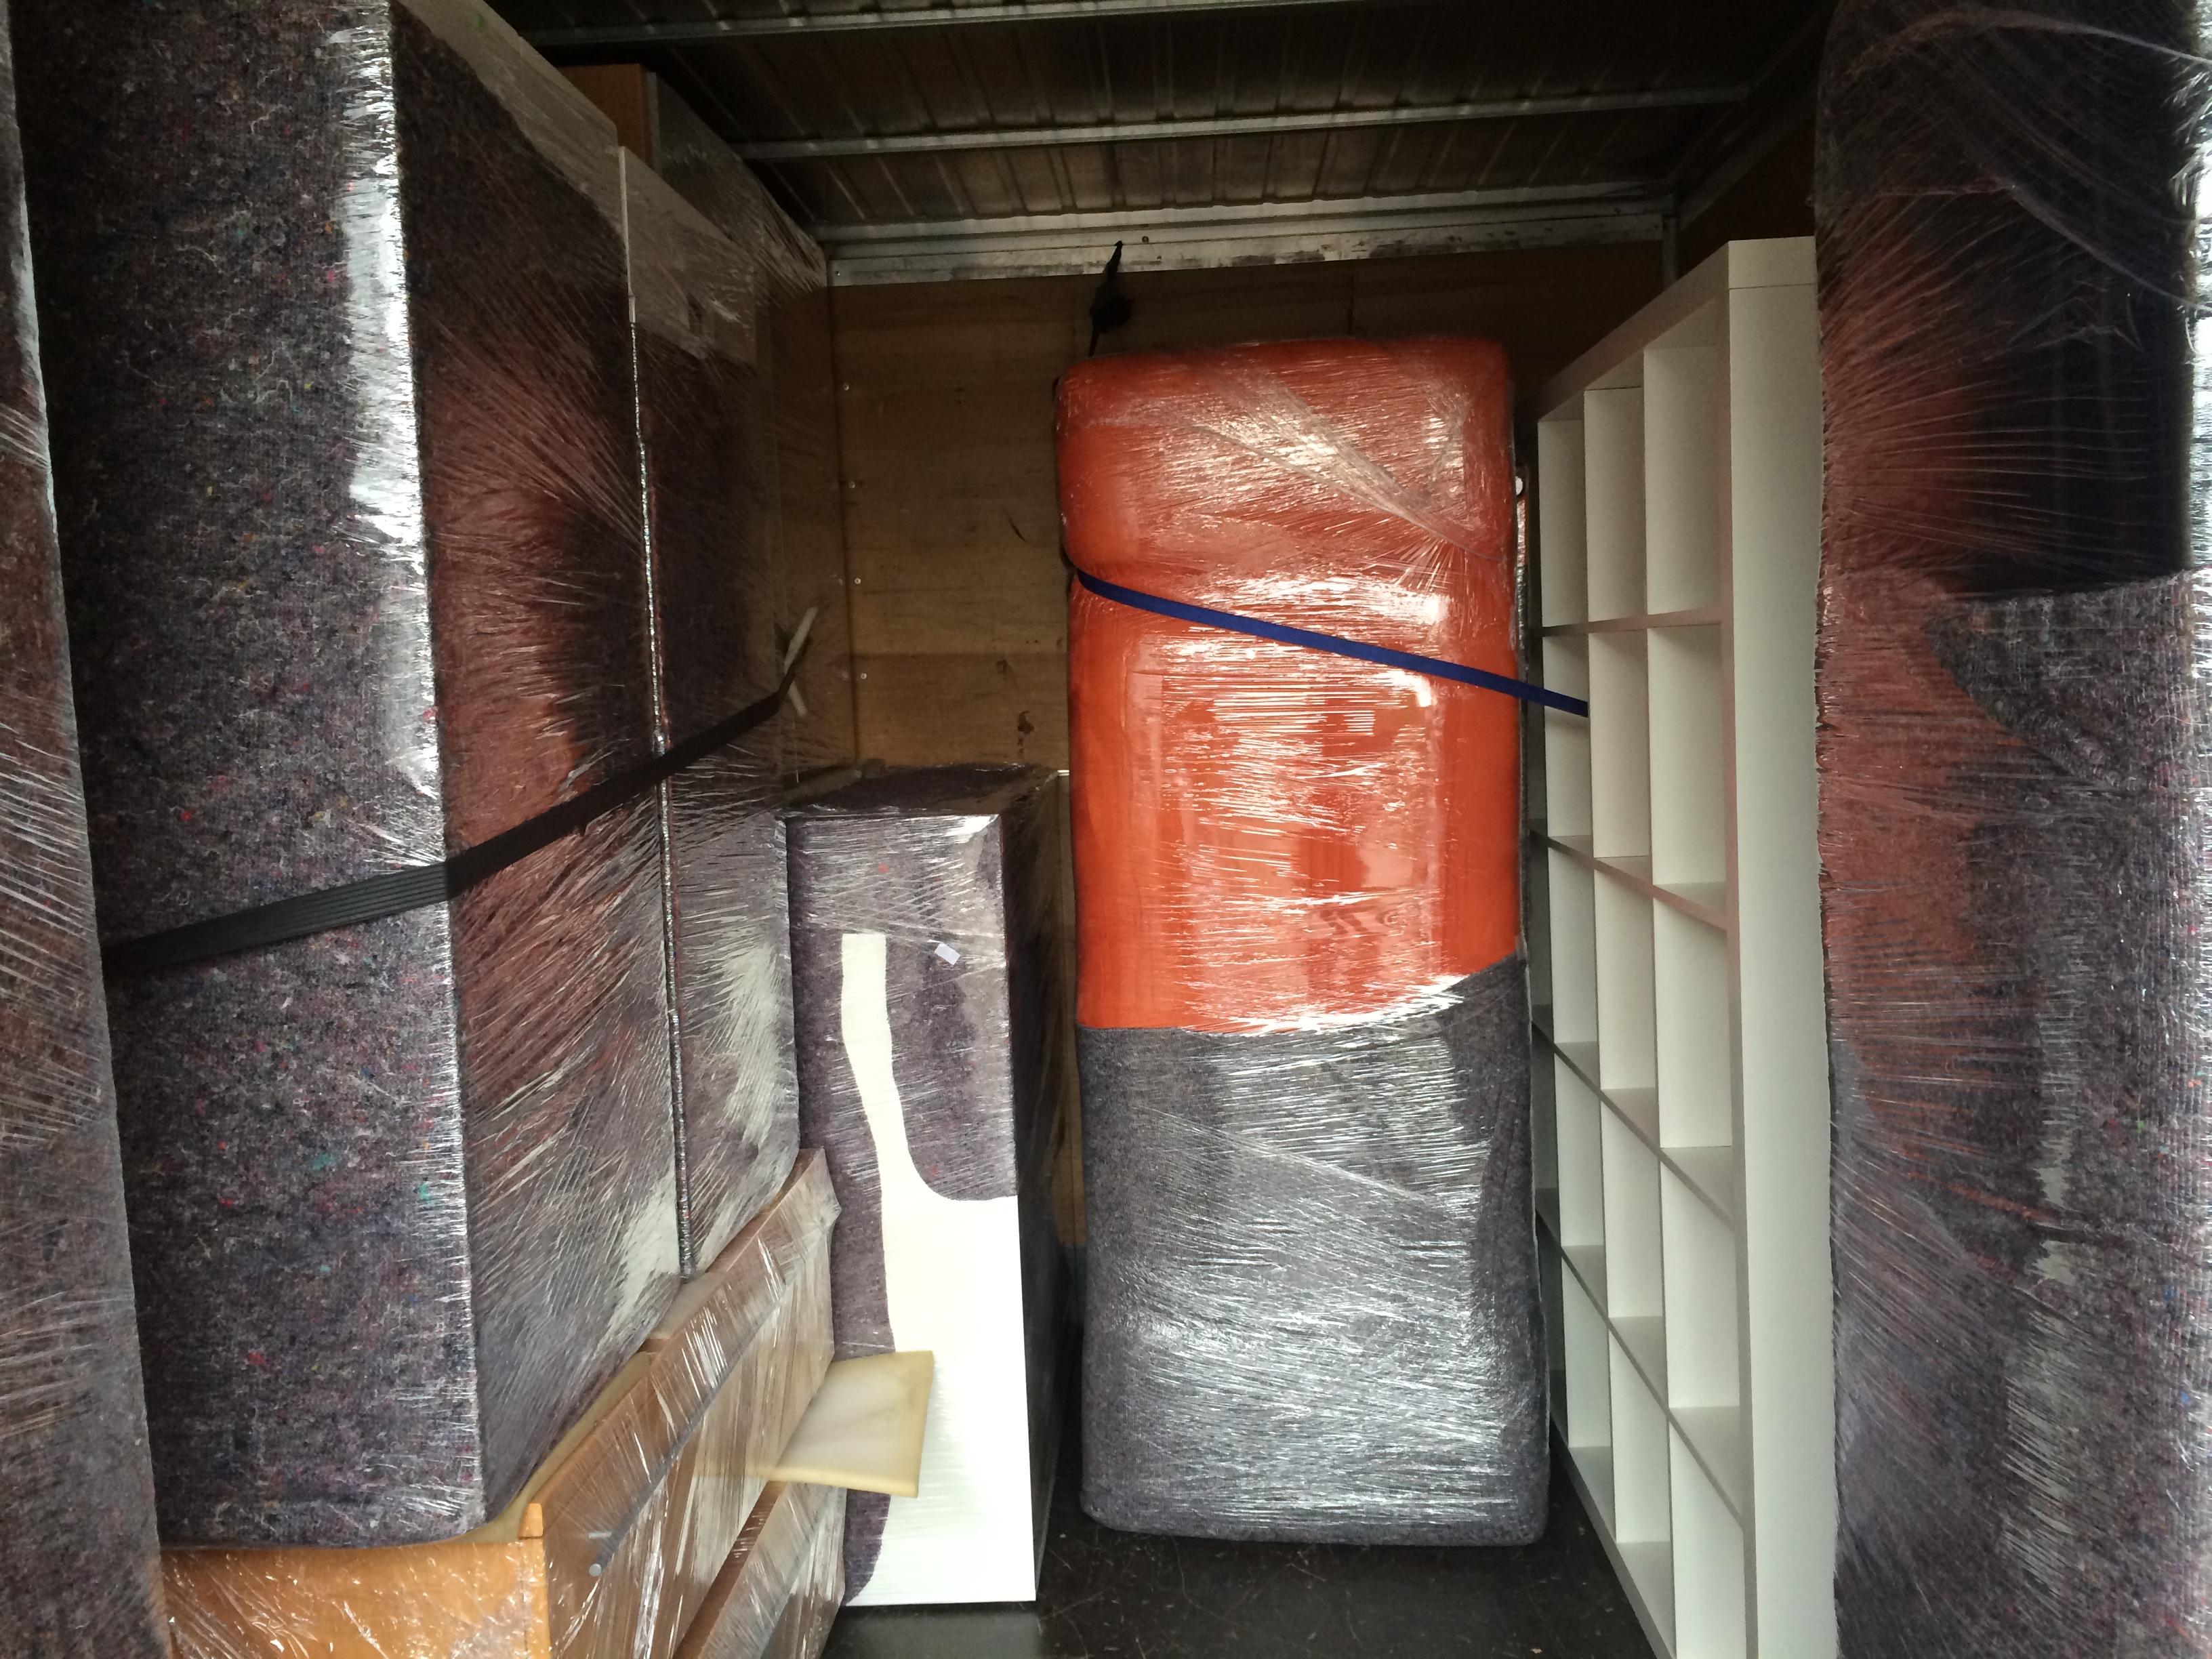 f r jeden umzug den passenden umzugsservice bei wegdamit. Black Bedroom Furniture Sets. Home Design Ideas